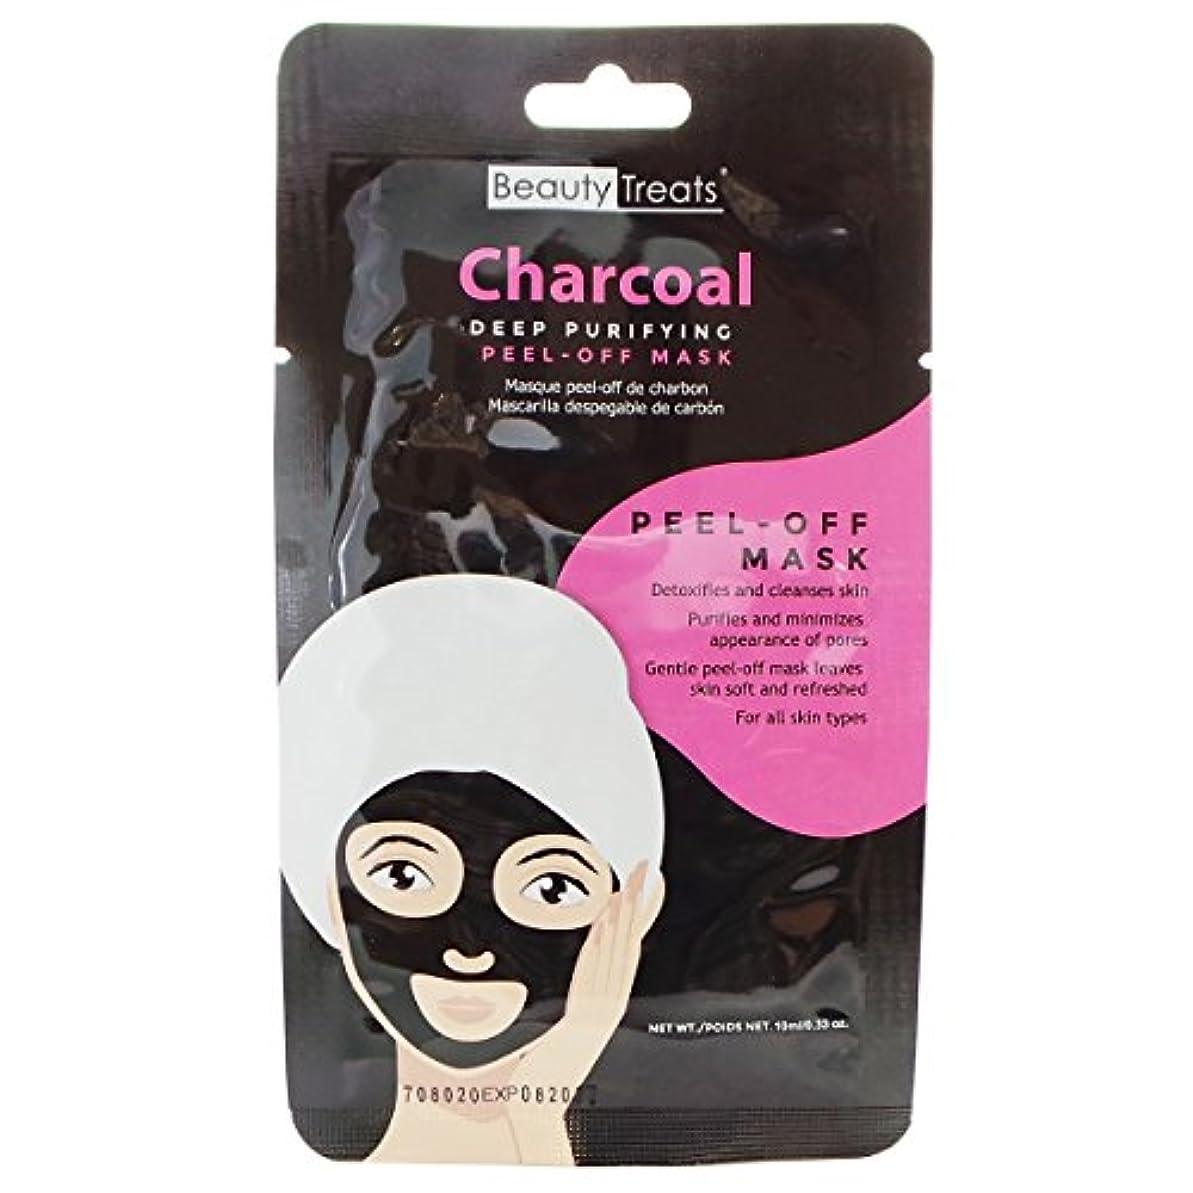 事前単語マザーランド(6 Pack) BEAUTY TREATS Deep Purifying Peel-Off Charcoal Mask (並行輸入品)